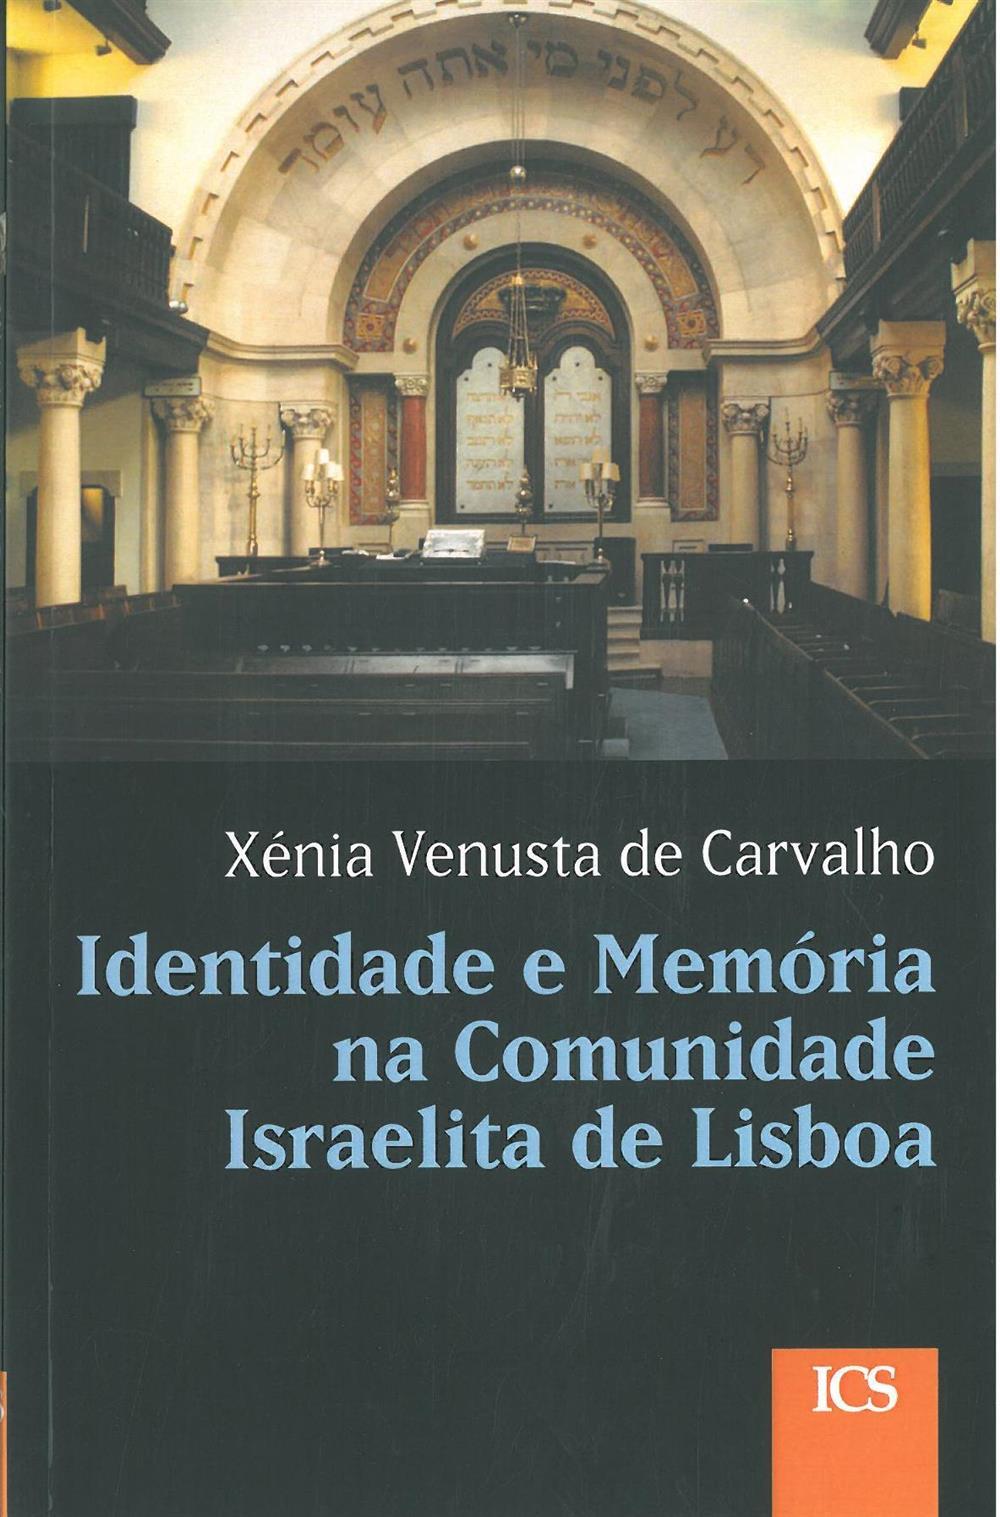 56827b803 Identidade e memória na comunidade Israelita de Lisboa .jpg